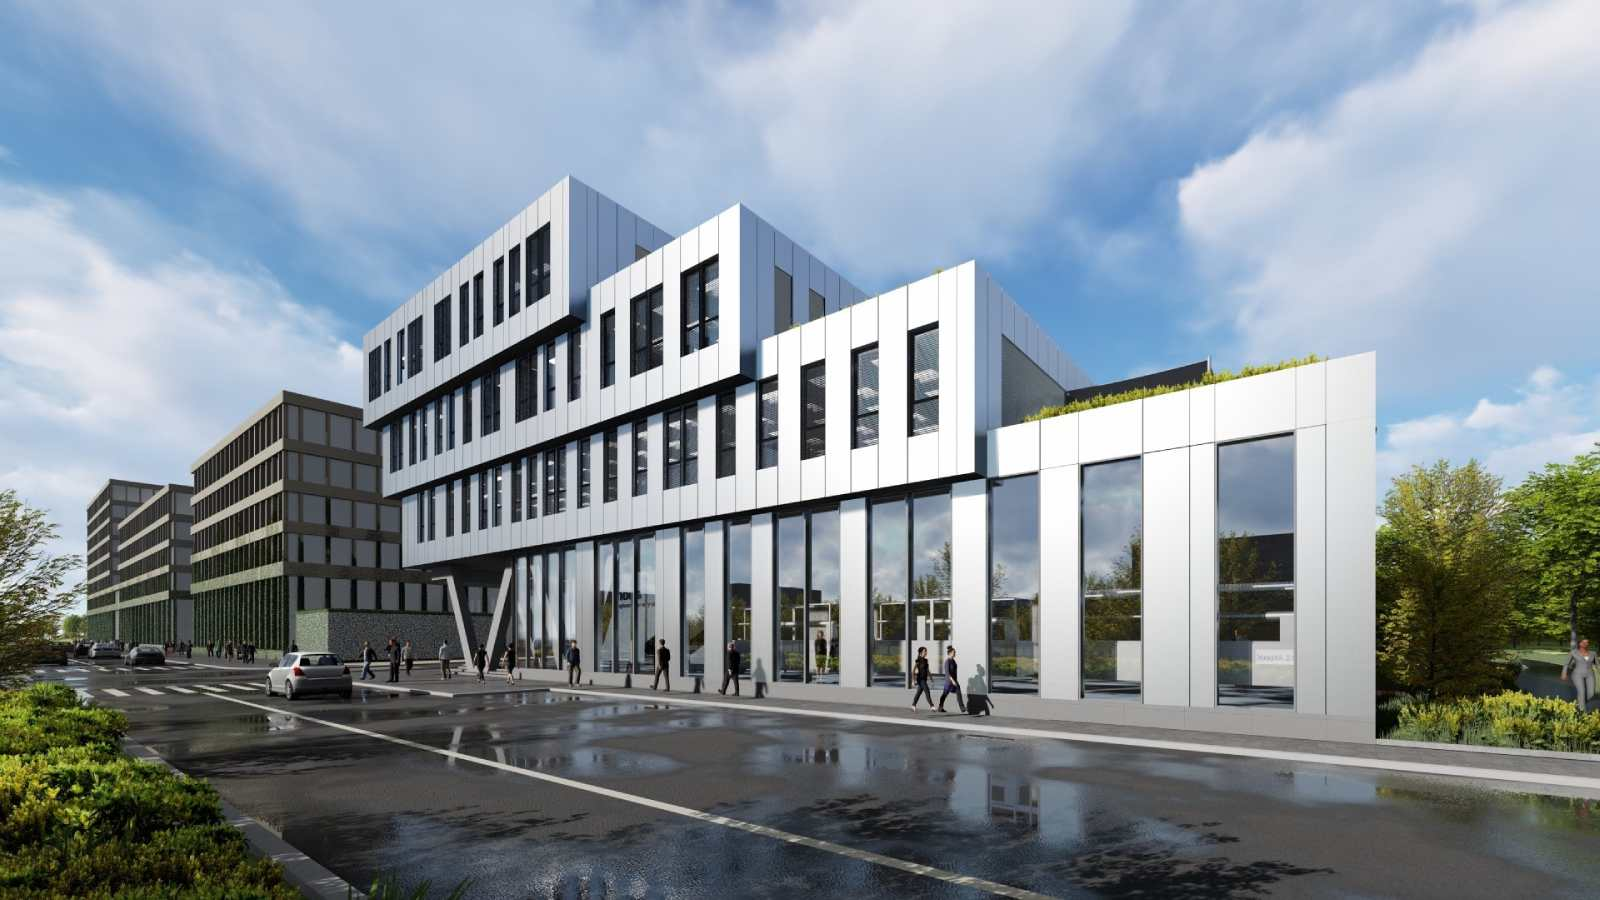 GSE vient d'achever la construction d'un ensemble de bureaux de 5 500m² à haute performance environnementale pour le compte de Xenocs